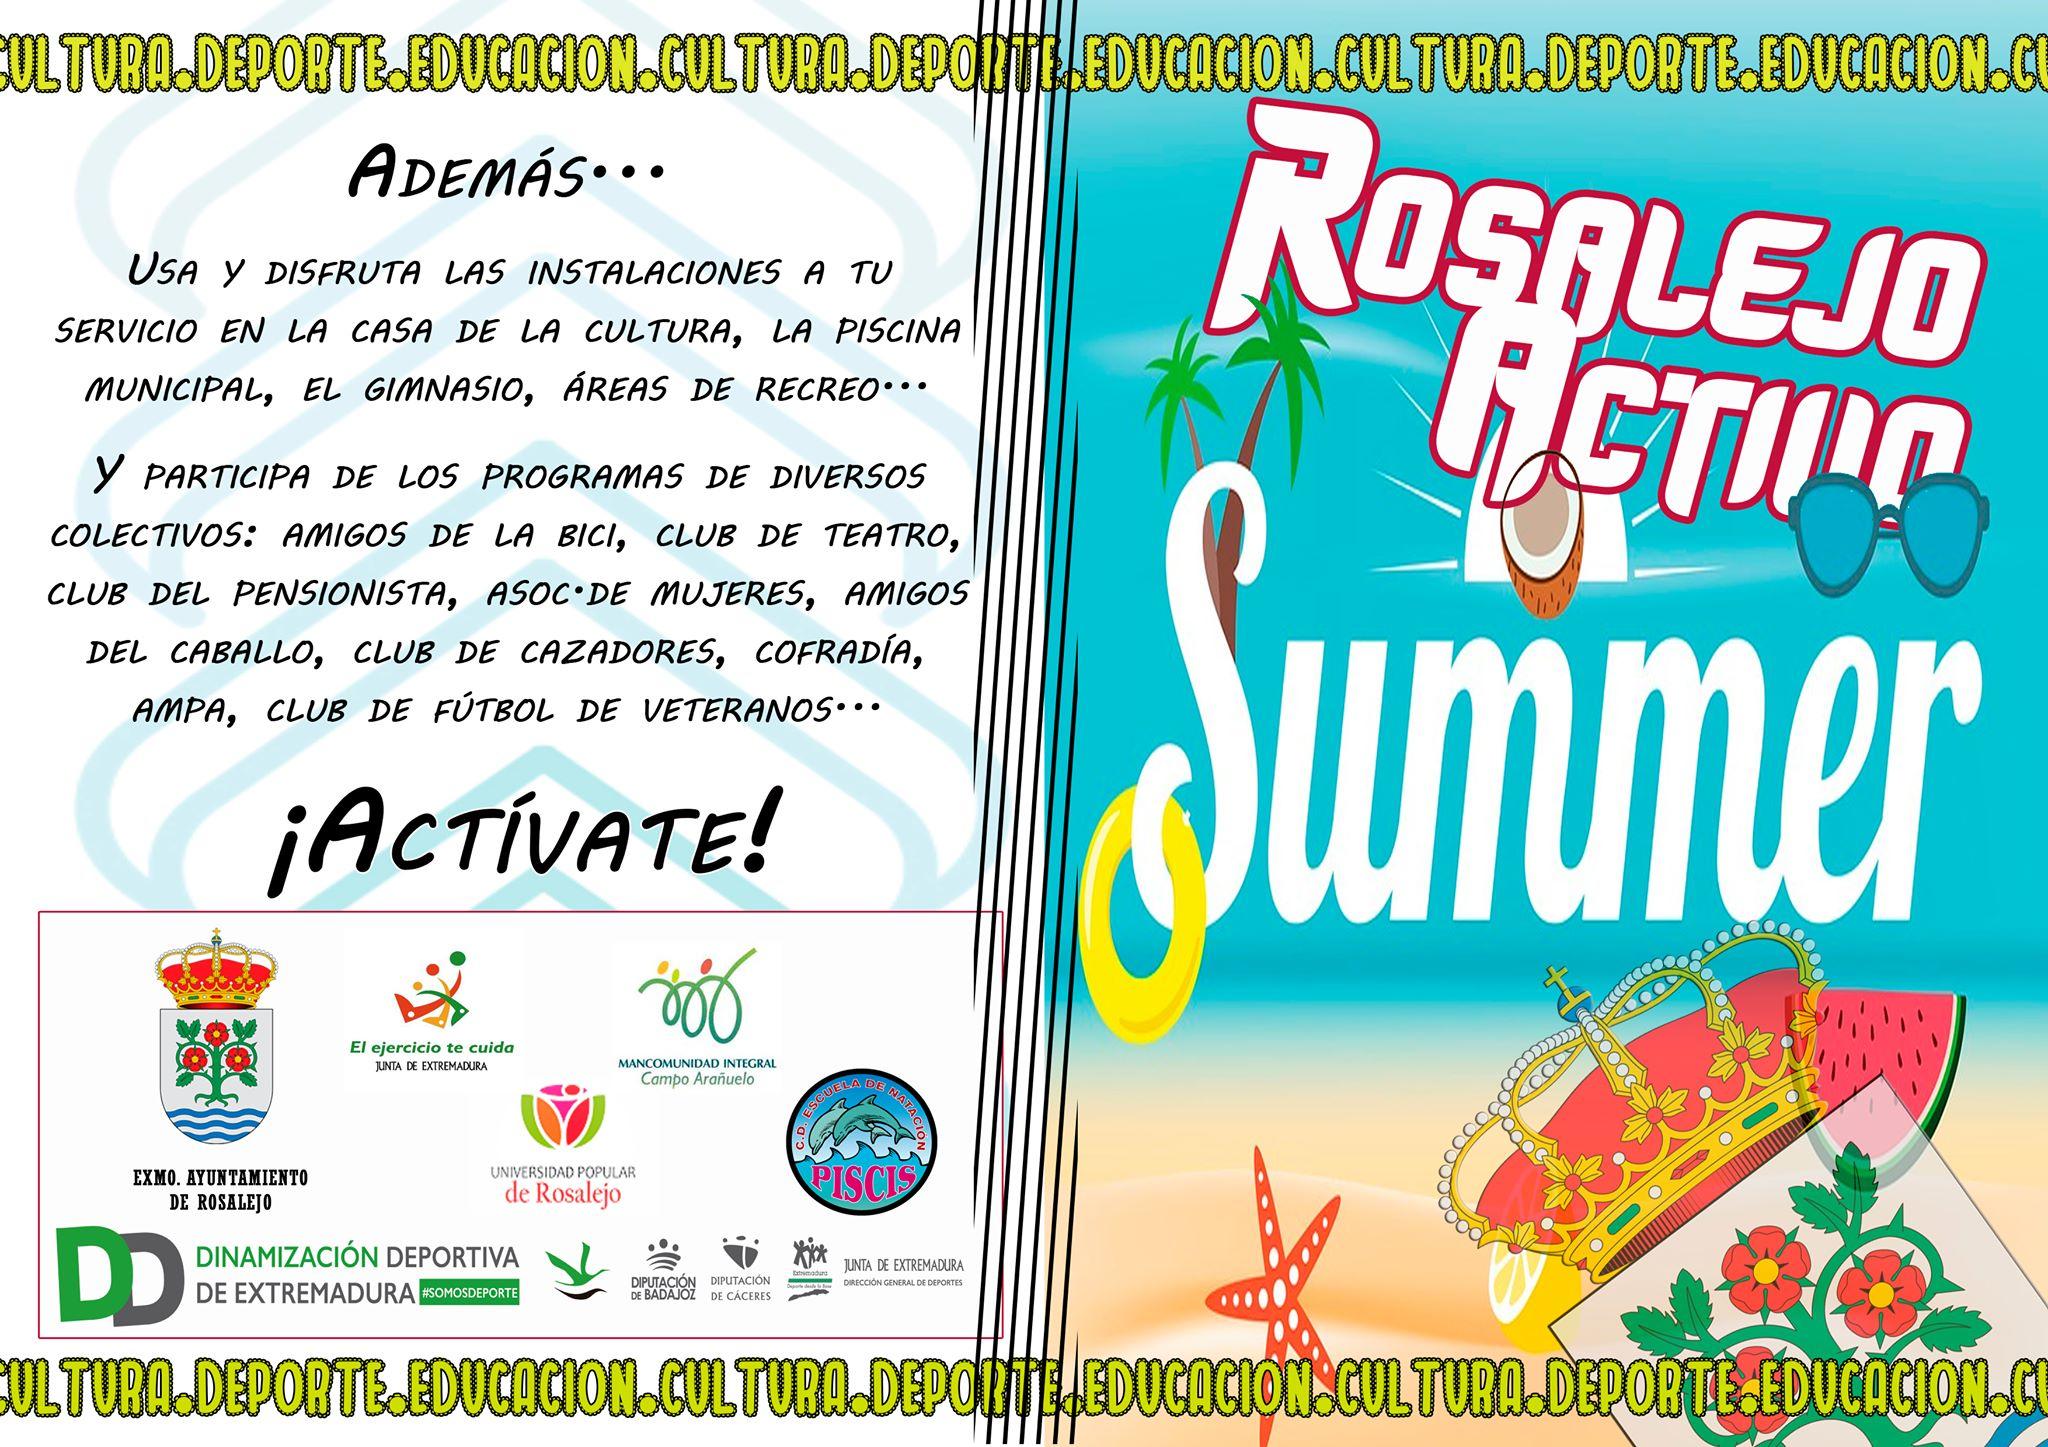 Rosalejo activo summer 2019 1